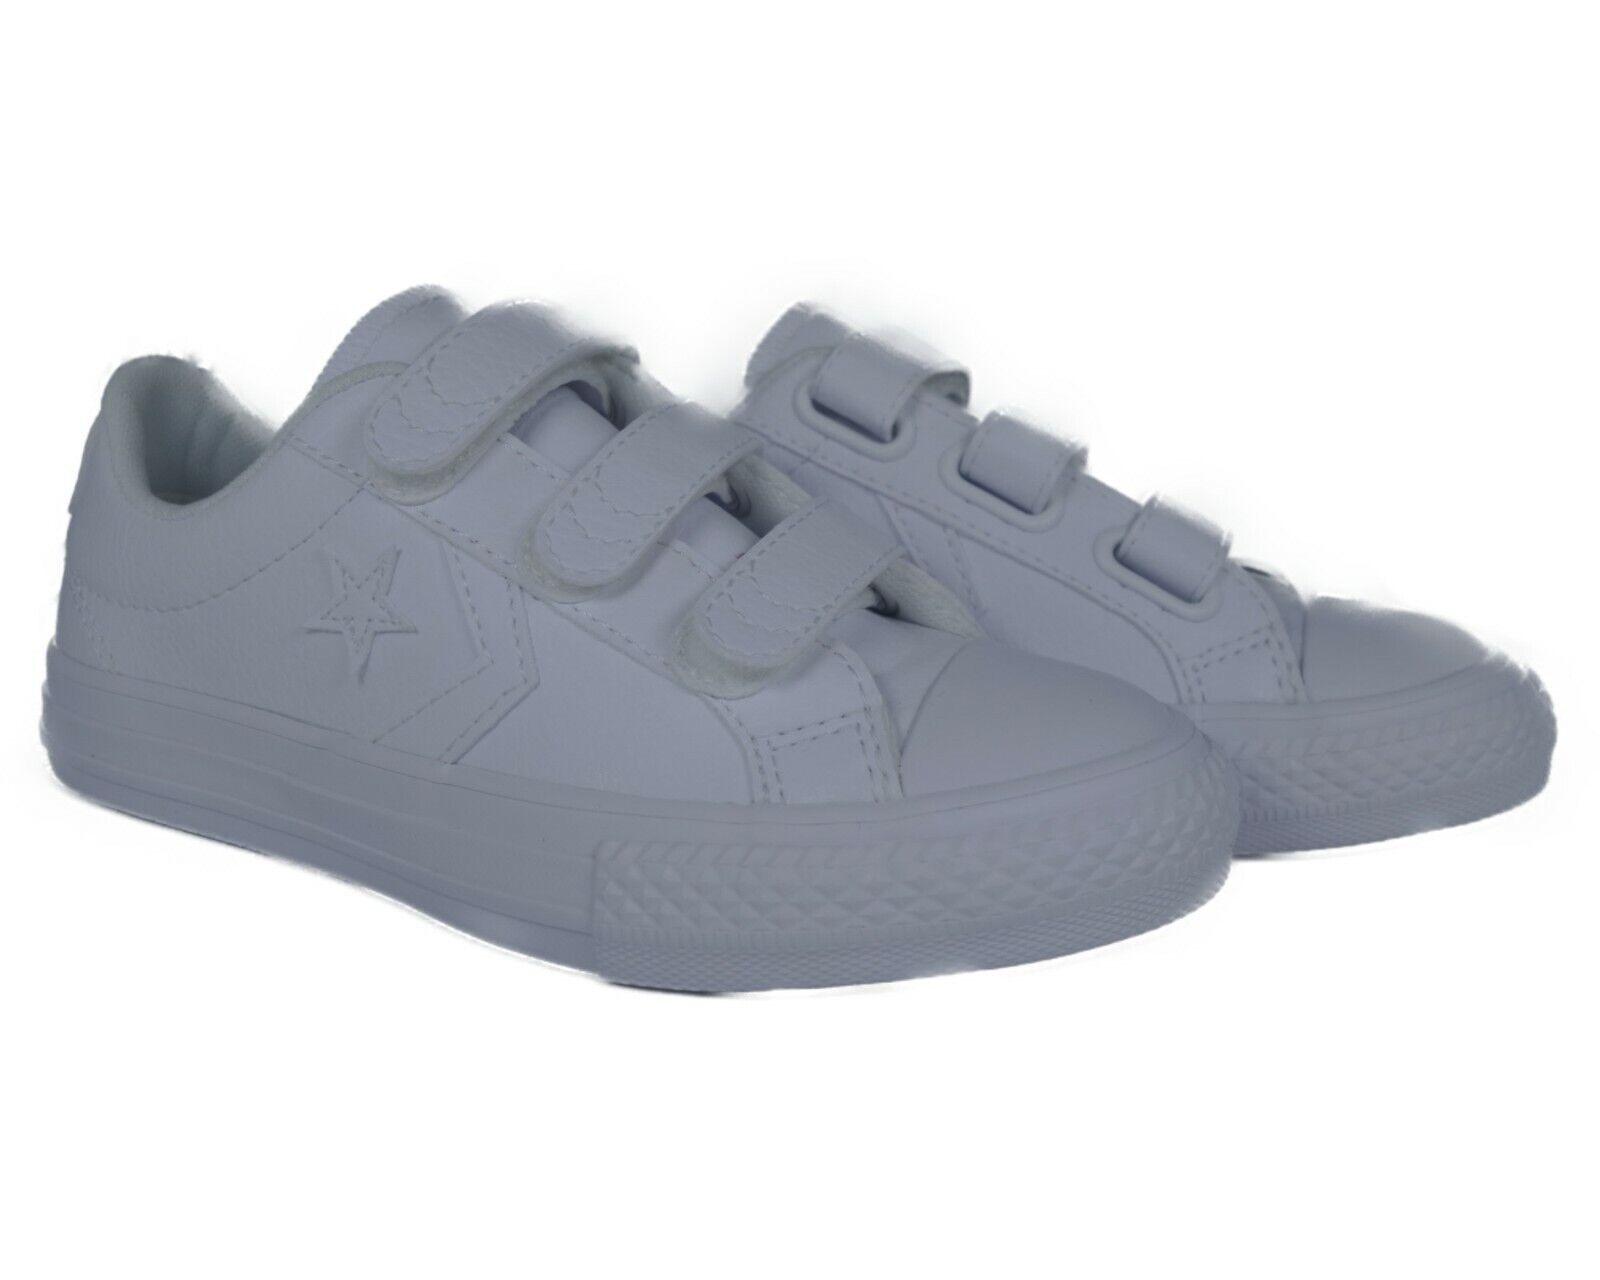 651830C Converse Star Player EV 3V Ox (White) Preschool Shoes Size 1